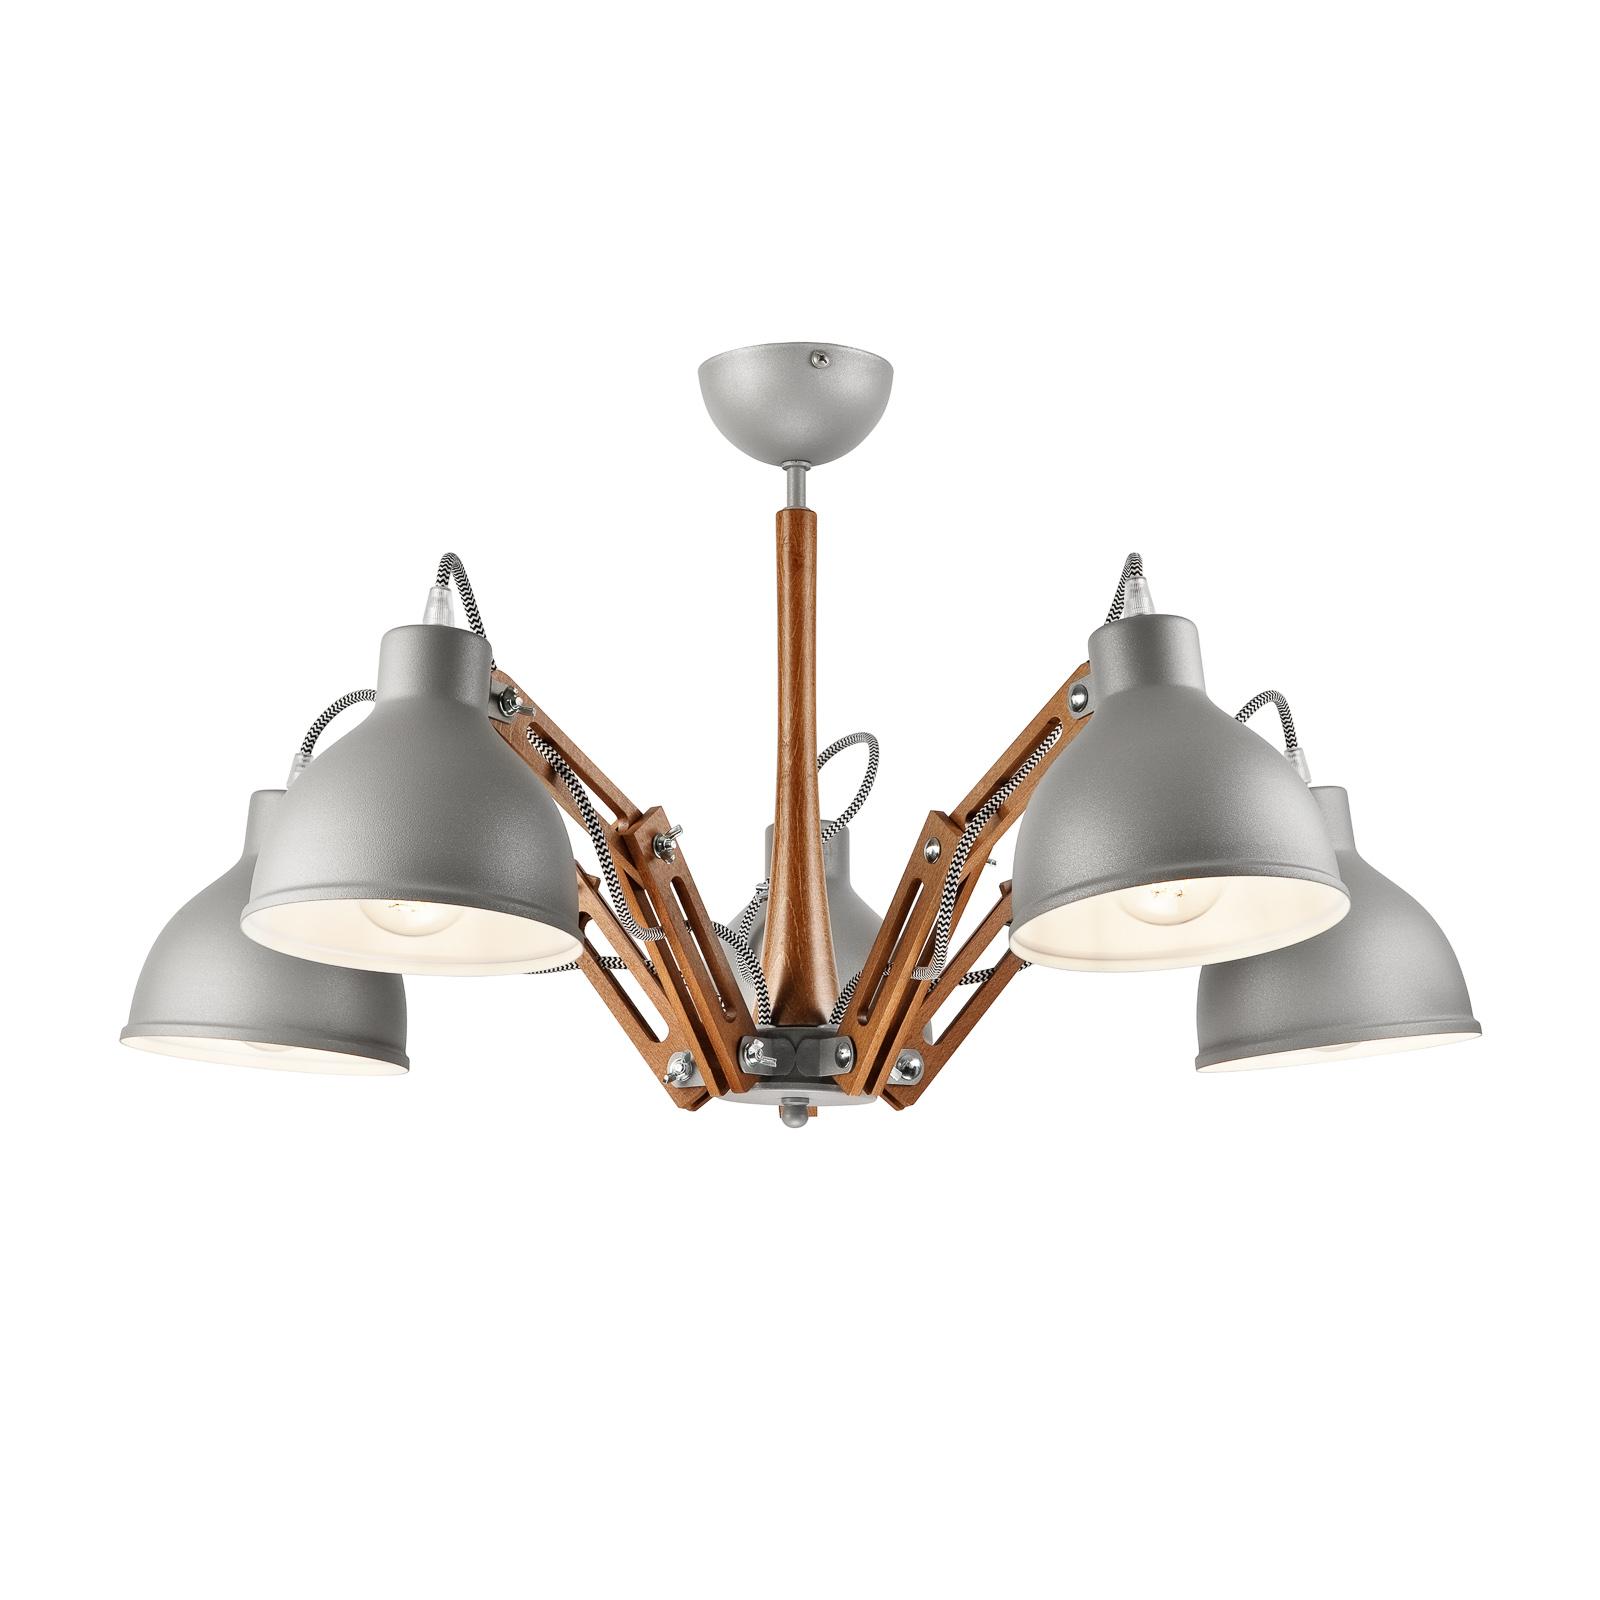 Skansen loftlampe, 5 lyskilder, justerbar, grå